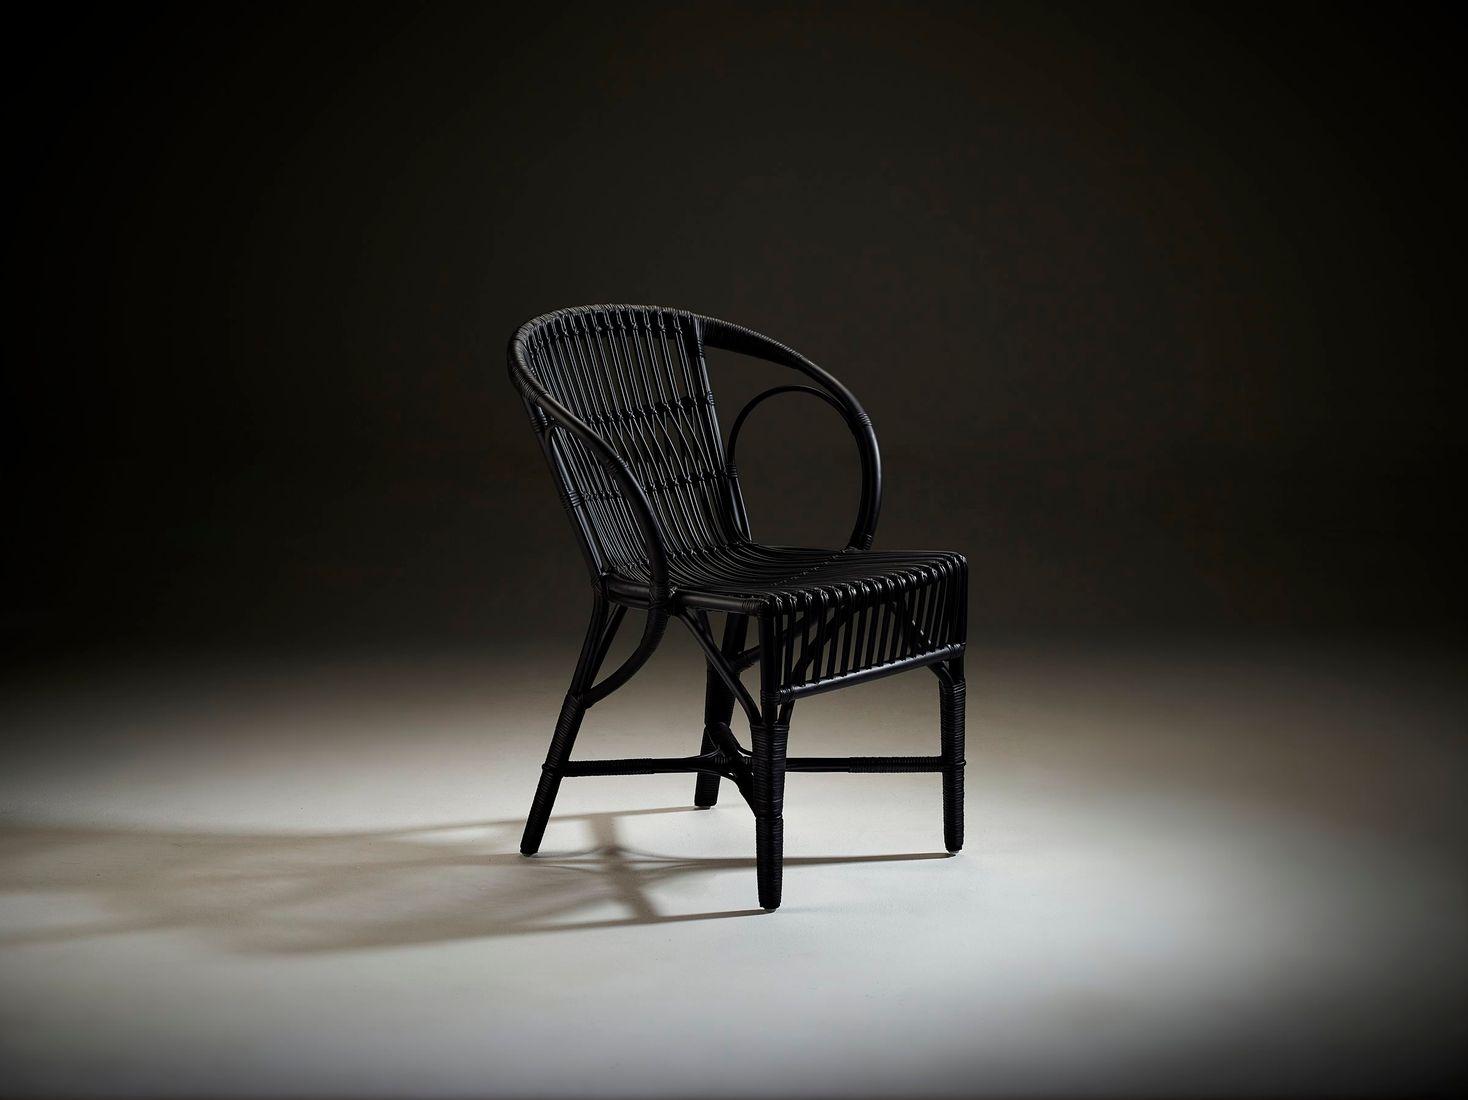 sika rattan stuhl wengler schwarz design by r wengler. Black Bedroom Furniture Sets. Home Design Ideas